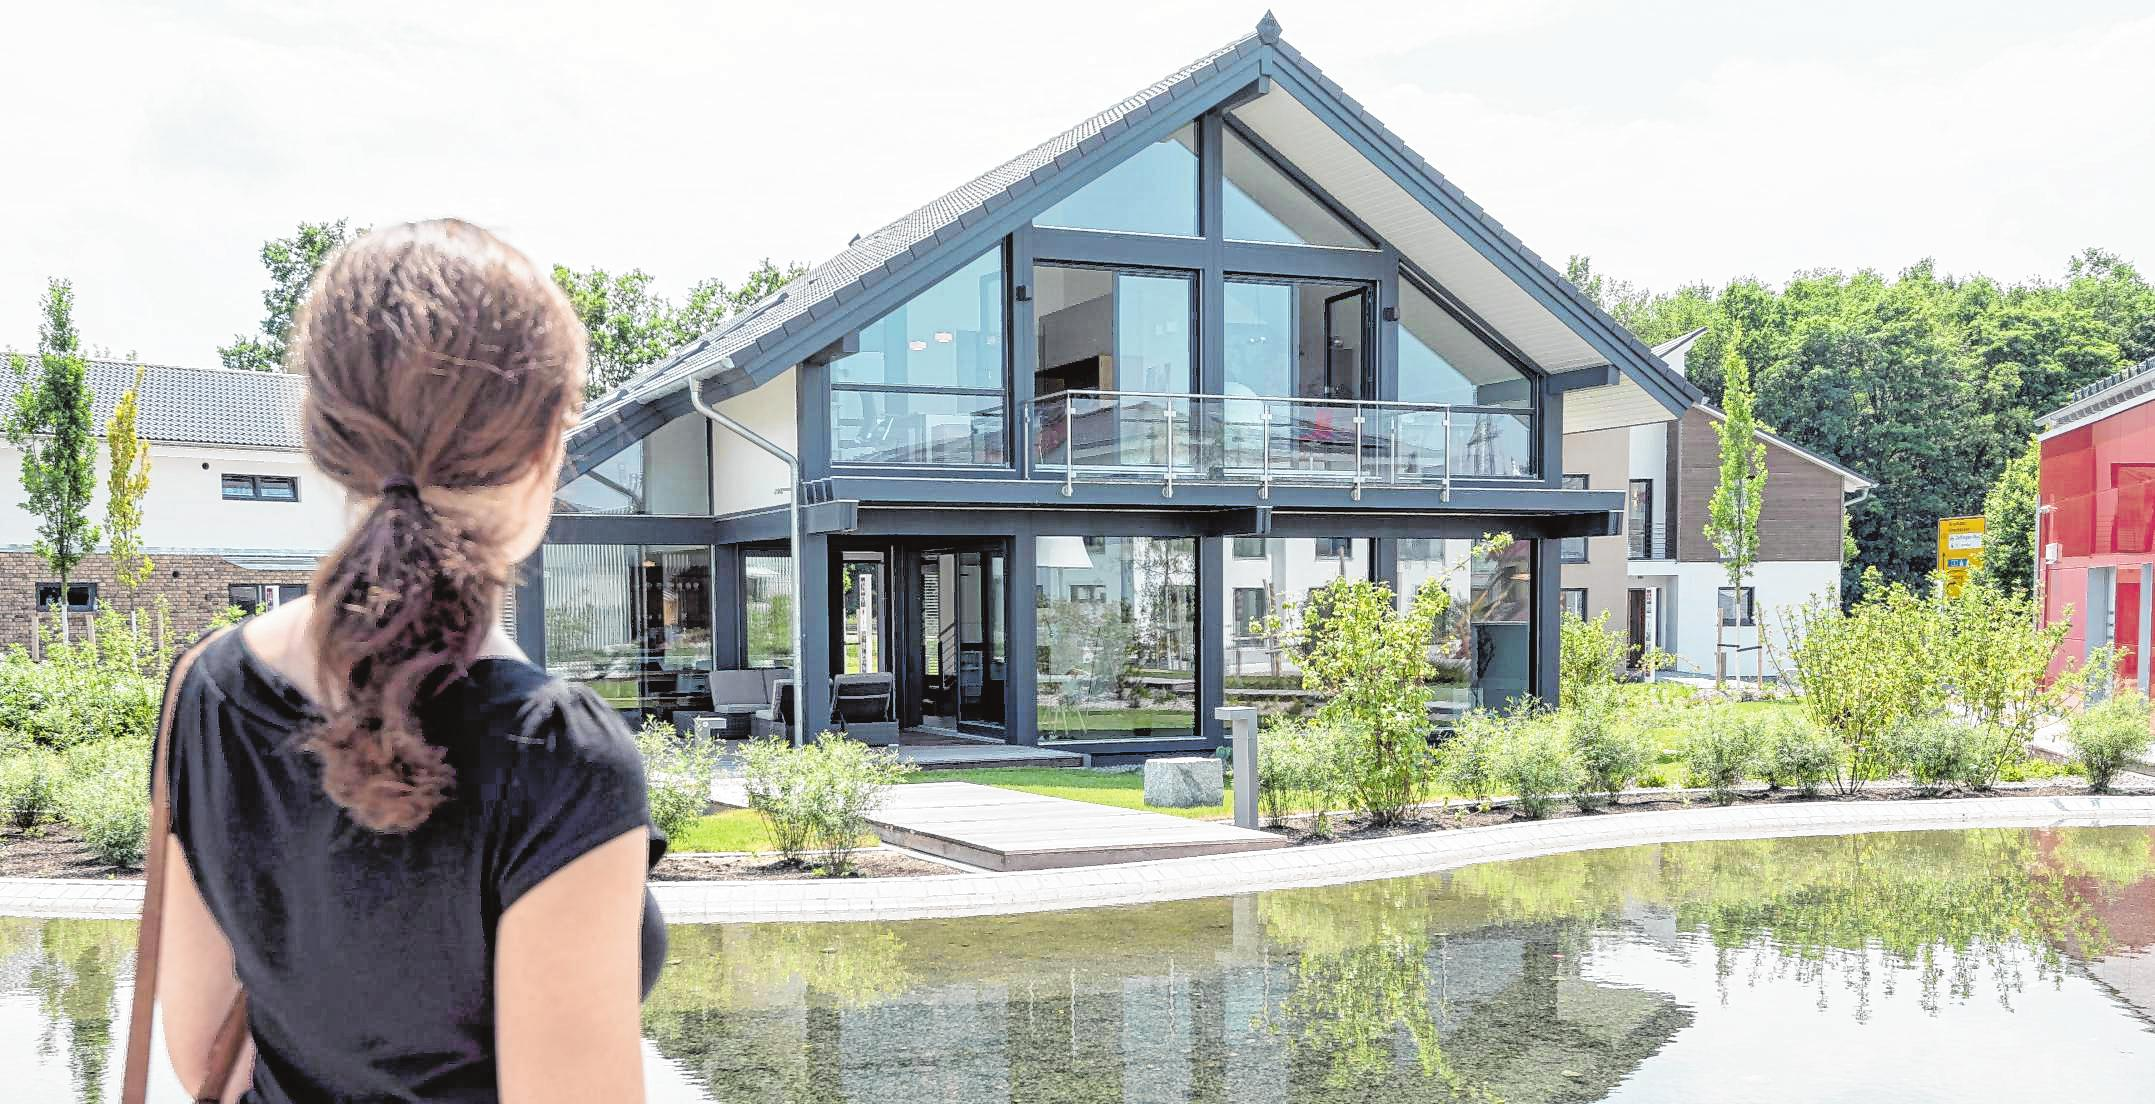 Große Fensterflächen lassen viel Licht ins Haus. Allerdings steigen dann auch die Anforderungen an den Sonnenschutz. BILD: DANIEL MAURER/DPA-TMN